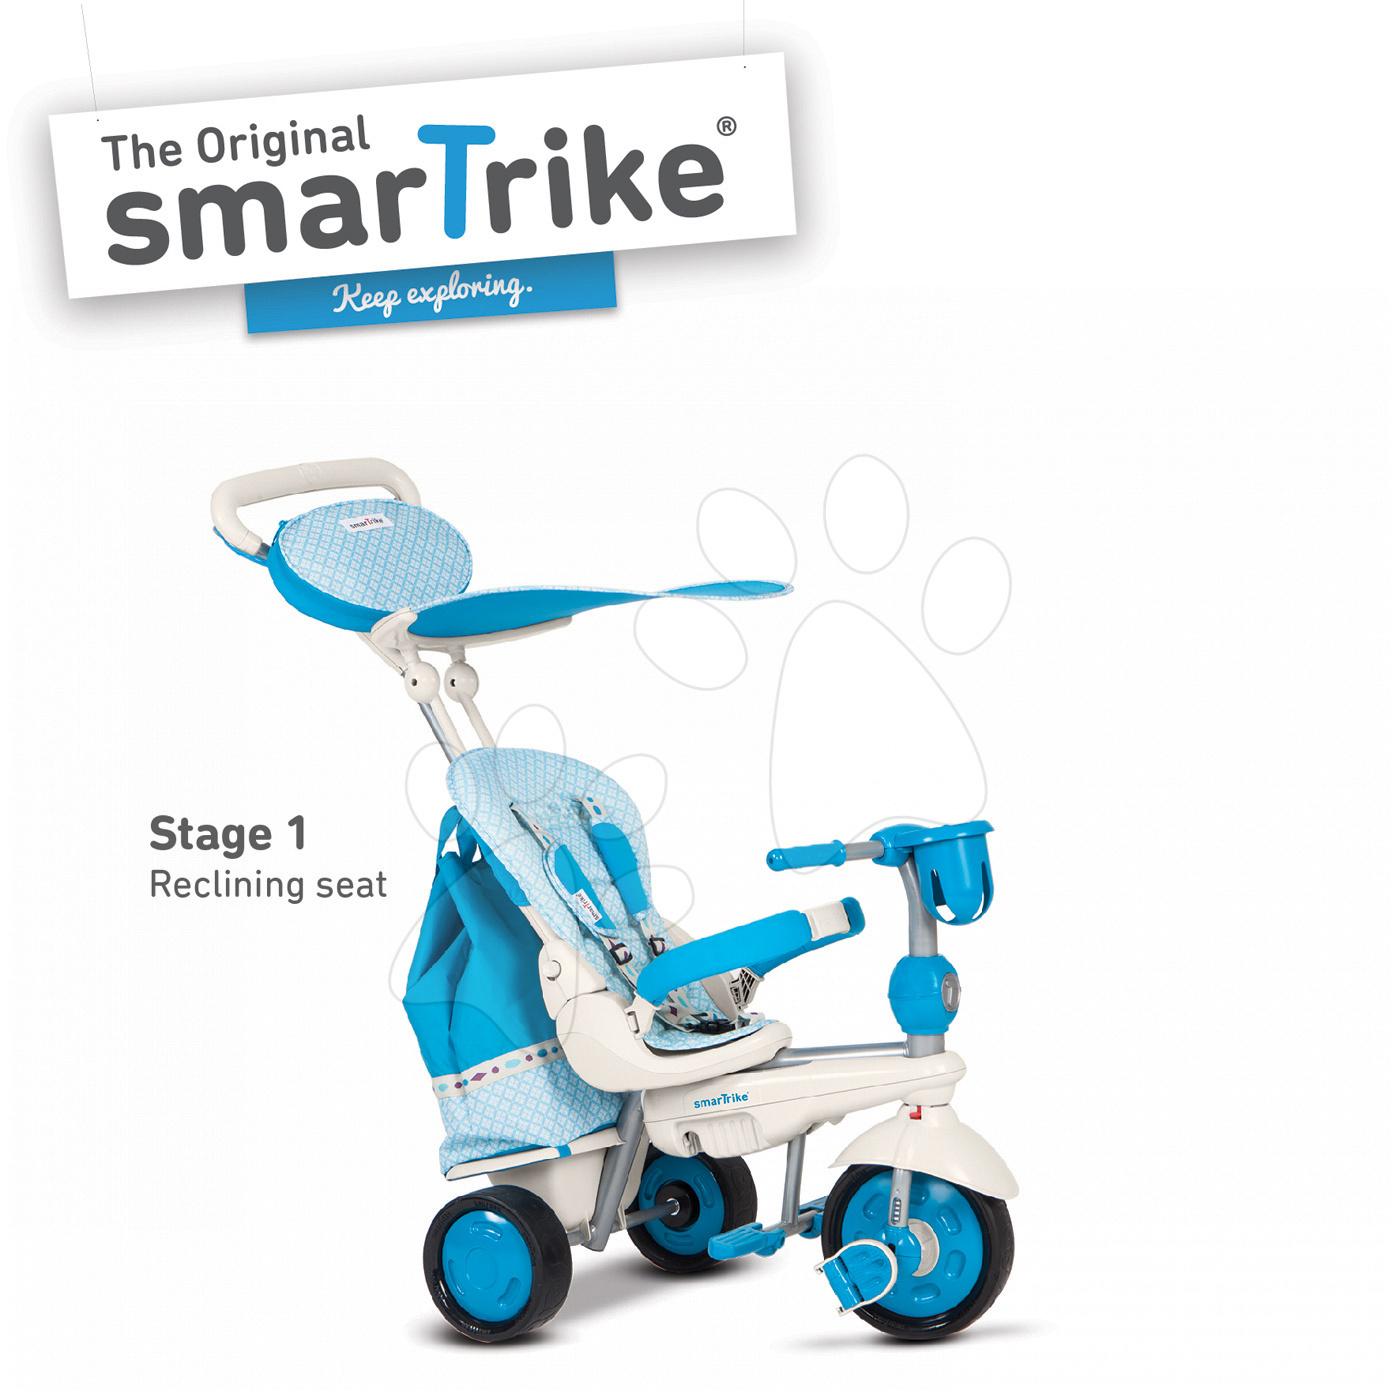 Trojkolky od 10 mesiacov - Trojkolka Splash 5v1 Blue&White smarTrike 360° riadenie s polohovateľnou opierkou modro-krémová od 10 mes